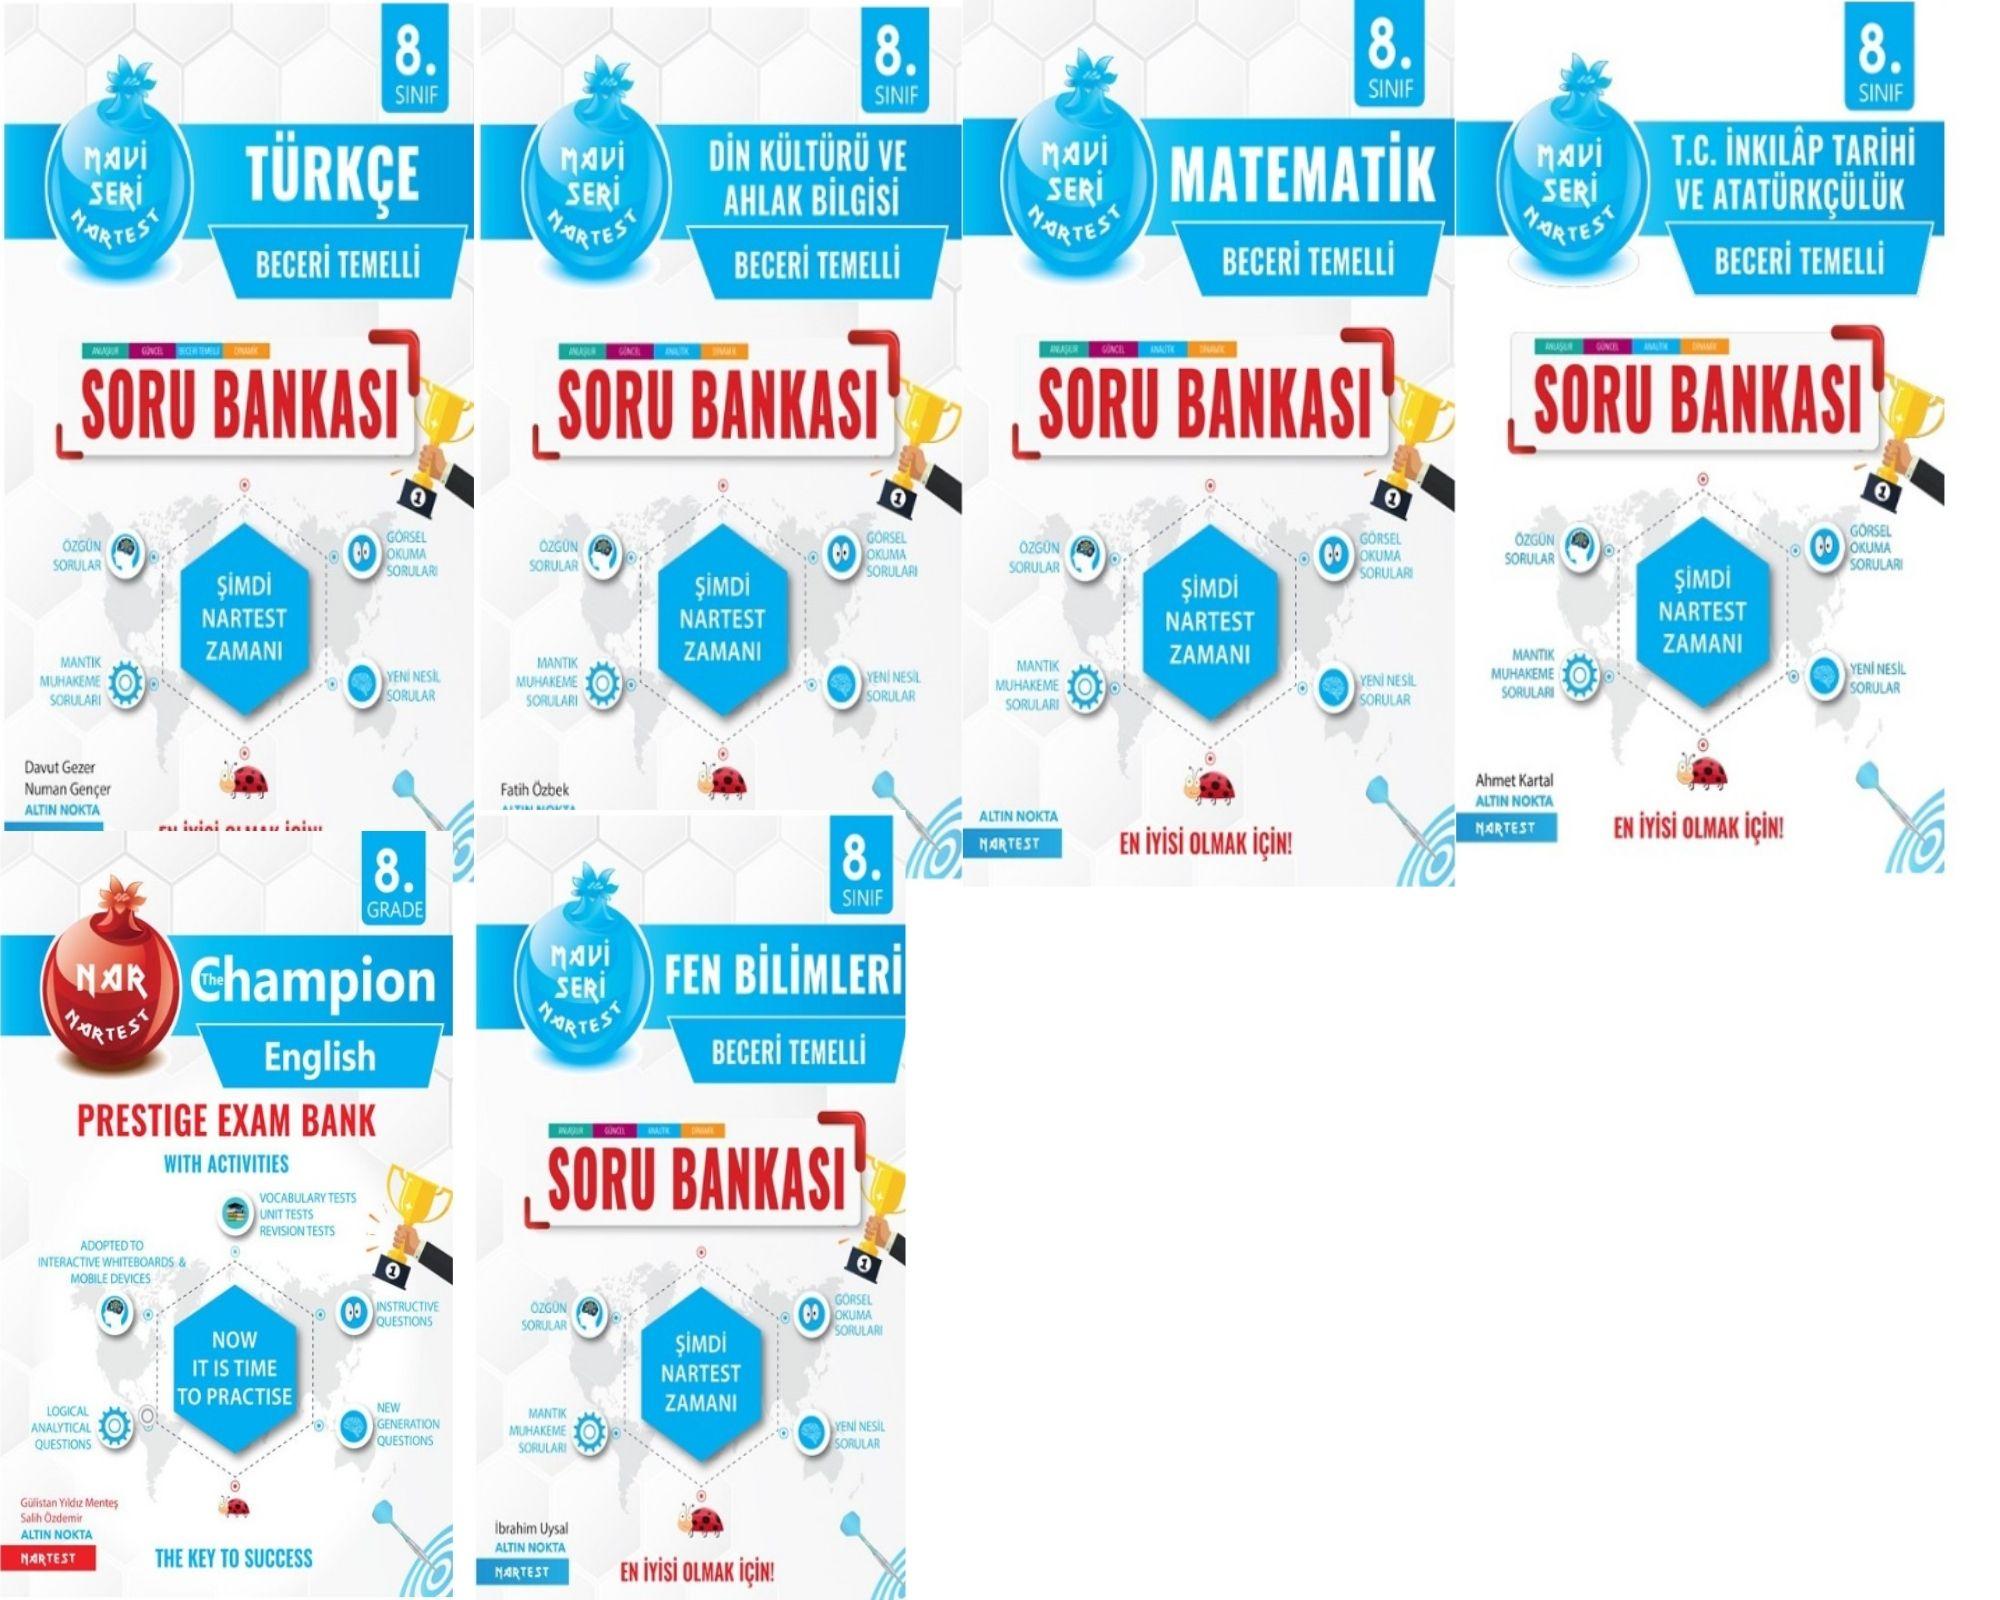 LGS Nartest Yayınevi Beceri Temelli Soru Bankası Seti